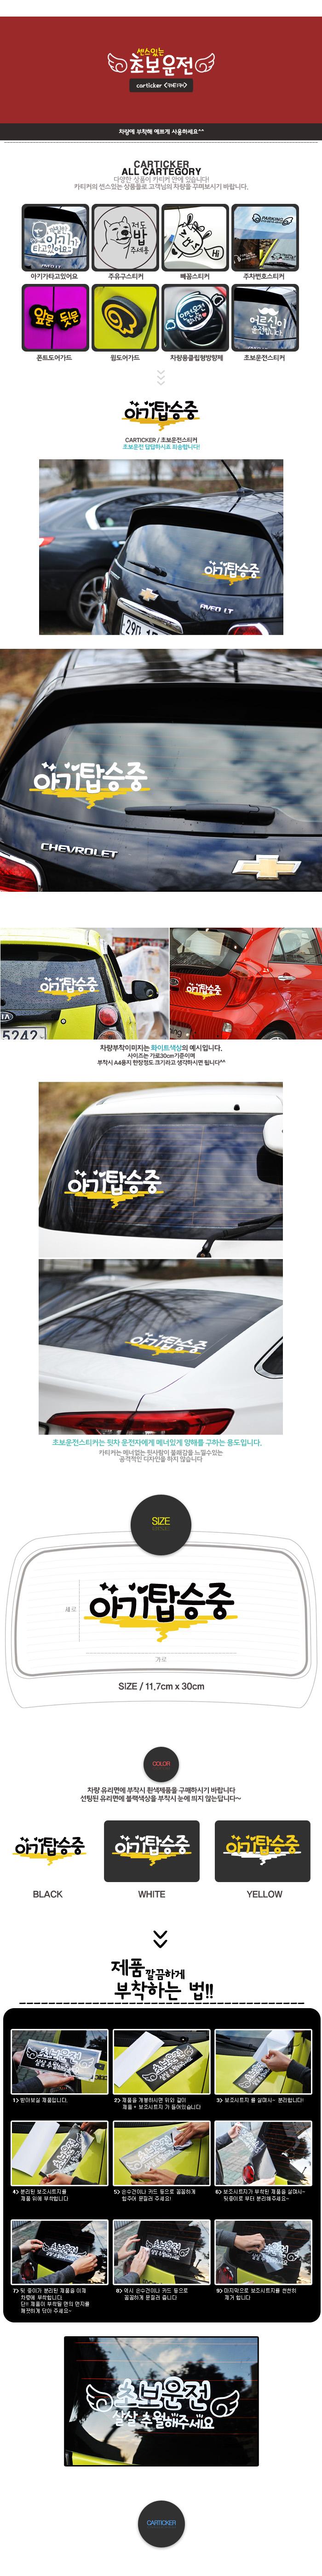 아기탑승중 - (투톤)초보운전스티커(NEW219) - 카티커, 3,820원, 자동차 스티커, 초보운전/아기탑승/주차 스티커